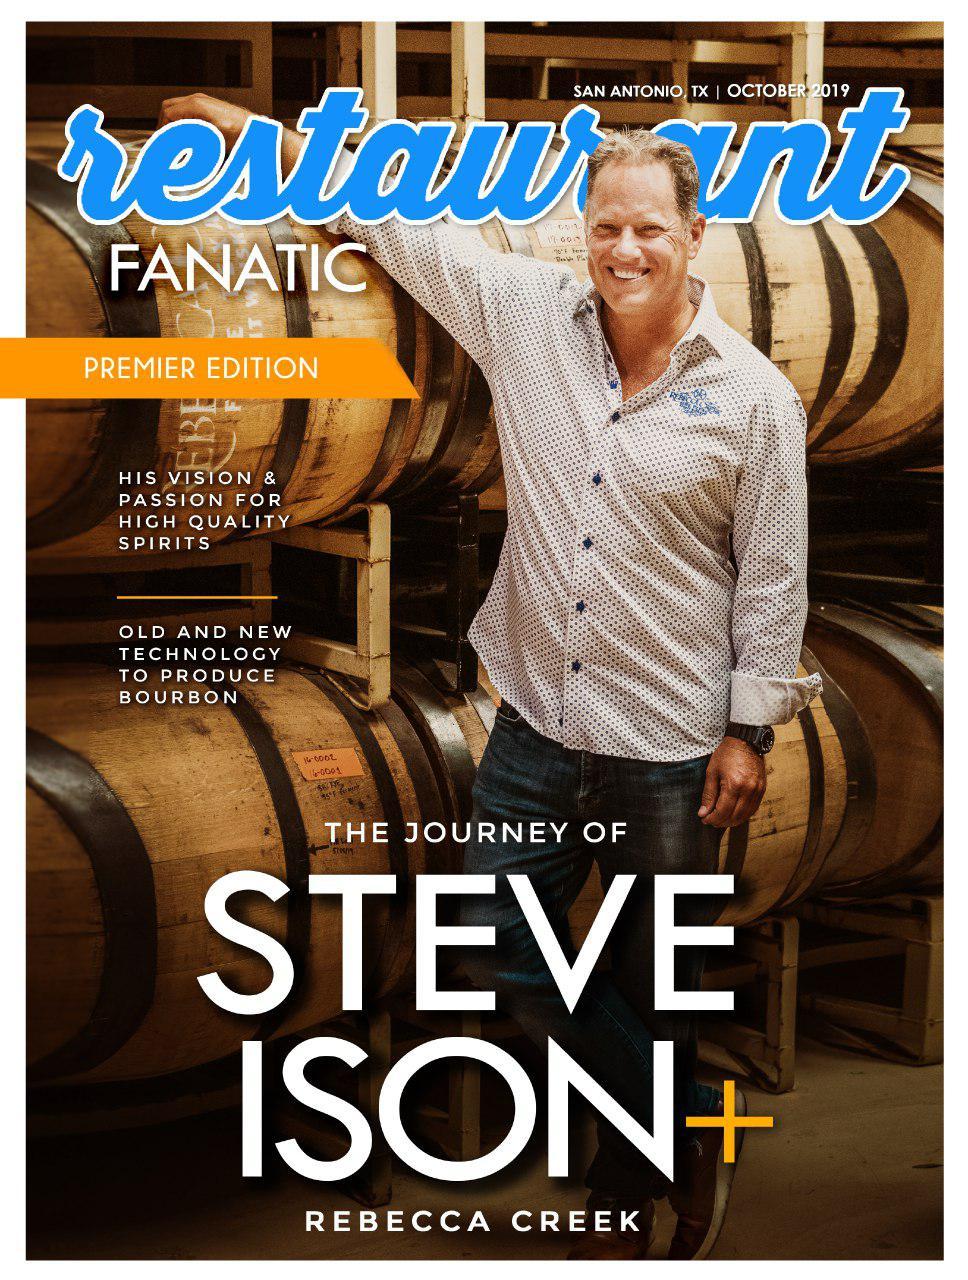 Steve Ison magazine cover